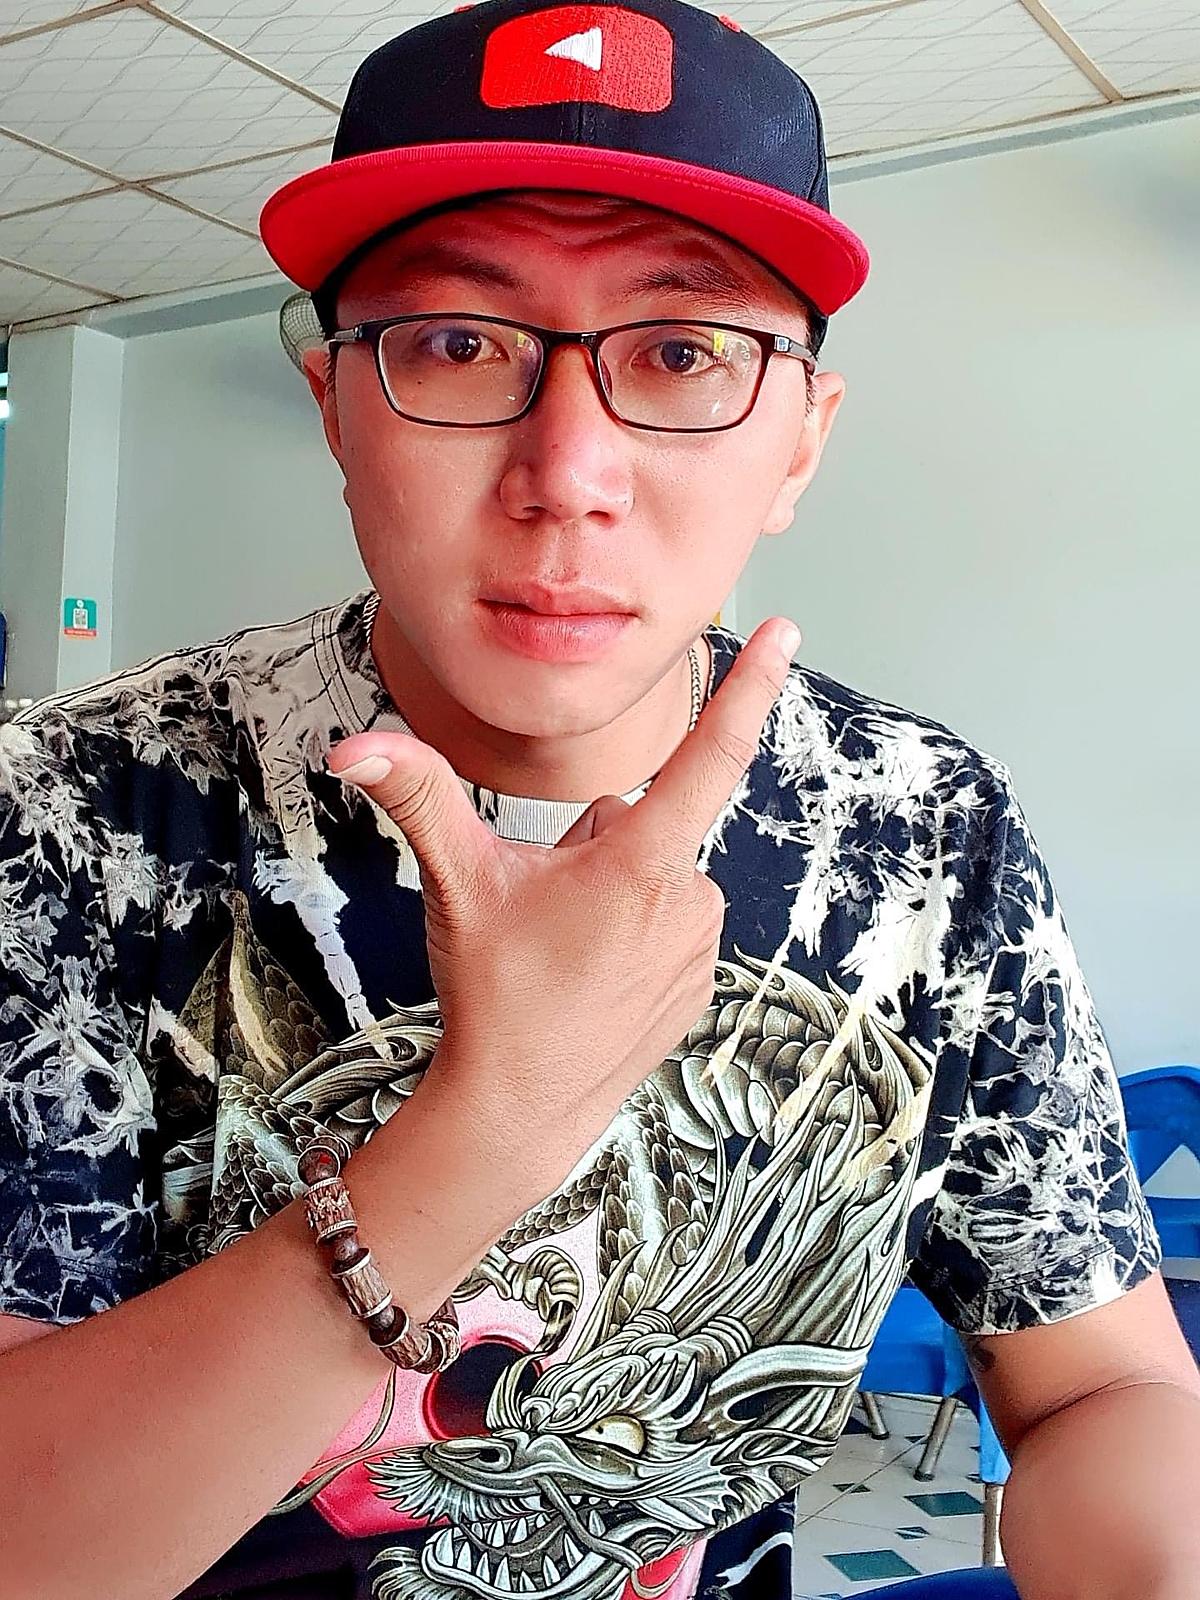 Nguyễn Thắng Phước mong muốn giúp được nhiều người khi làm Youtuber.